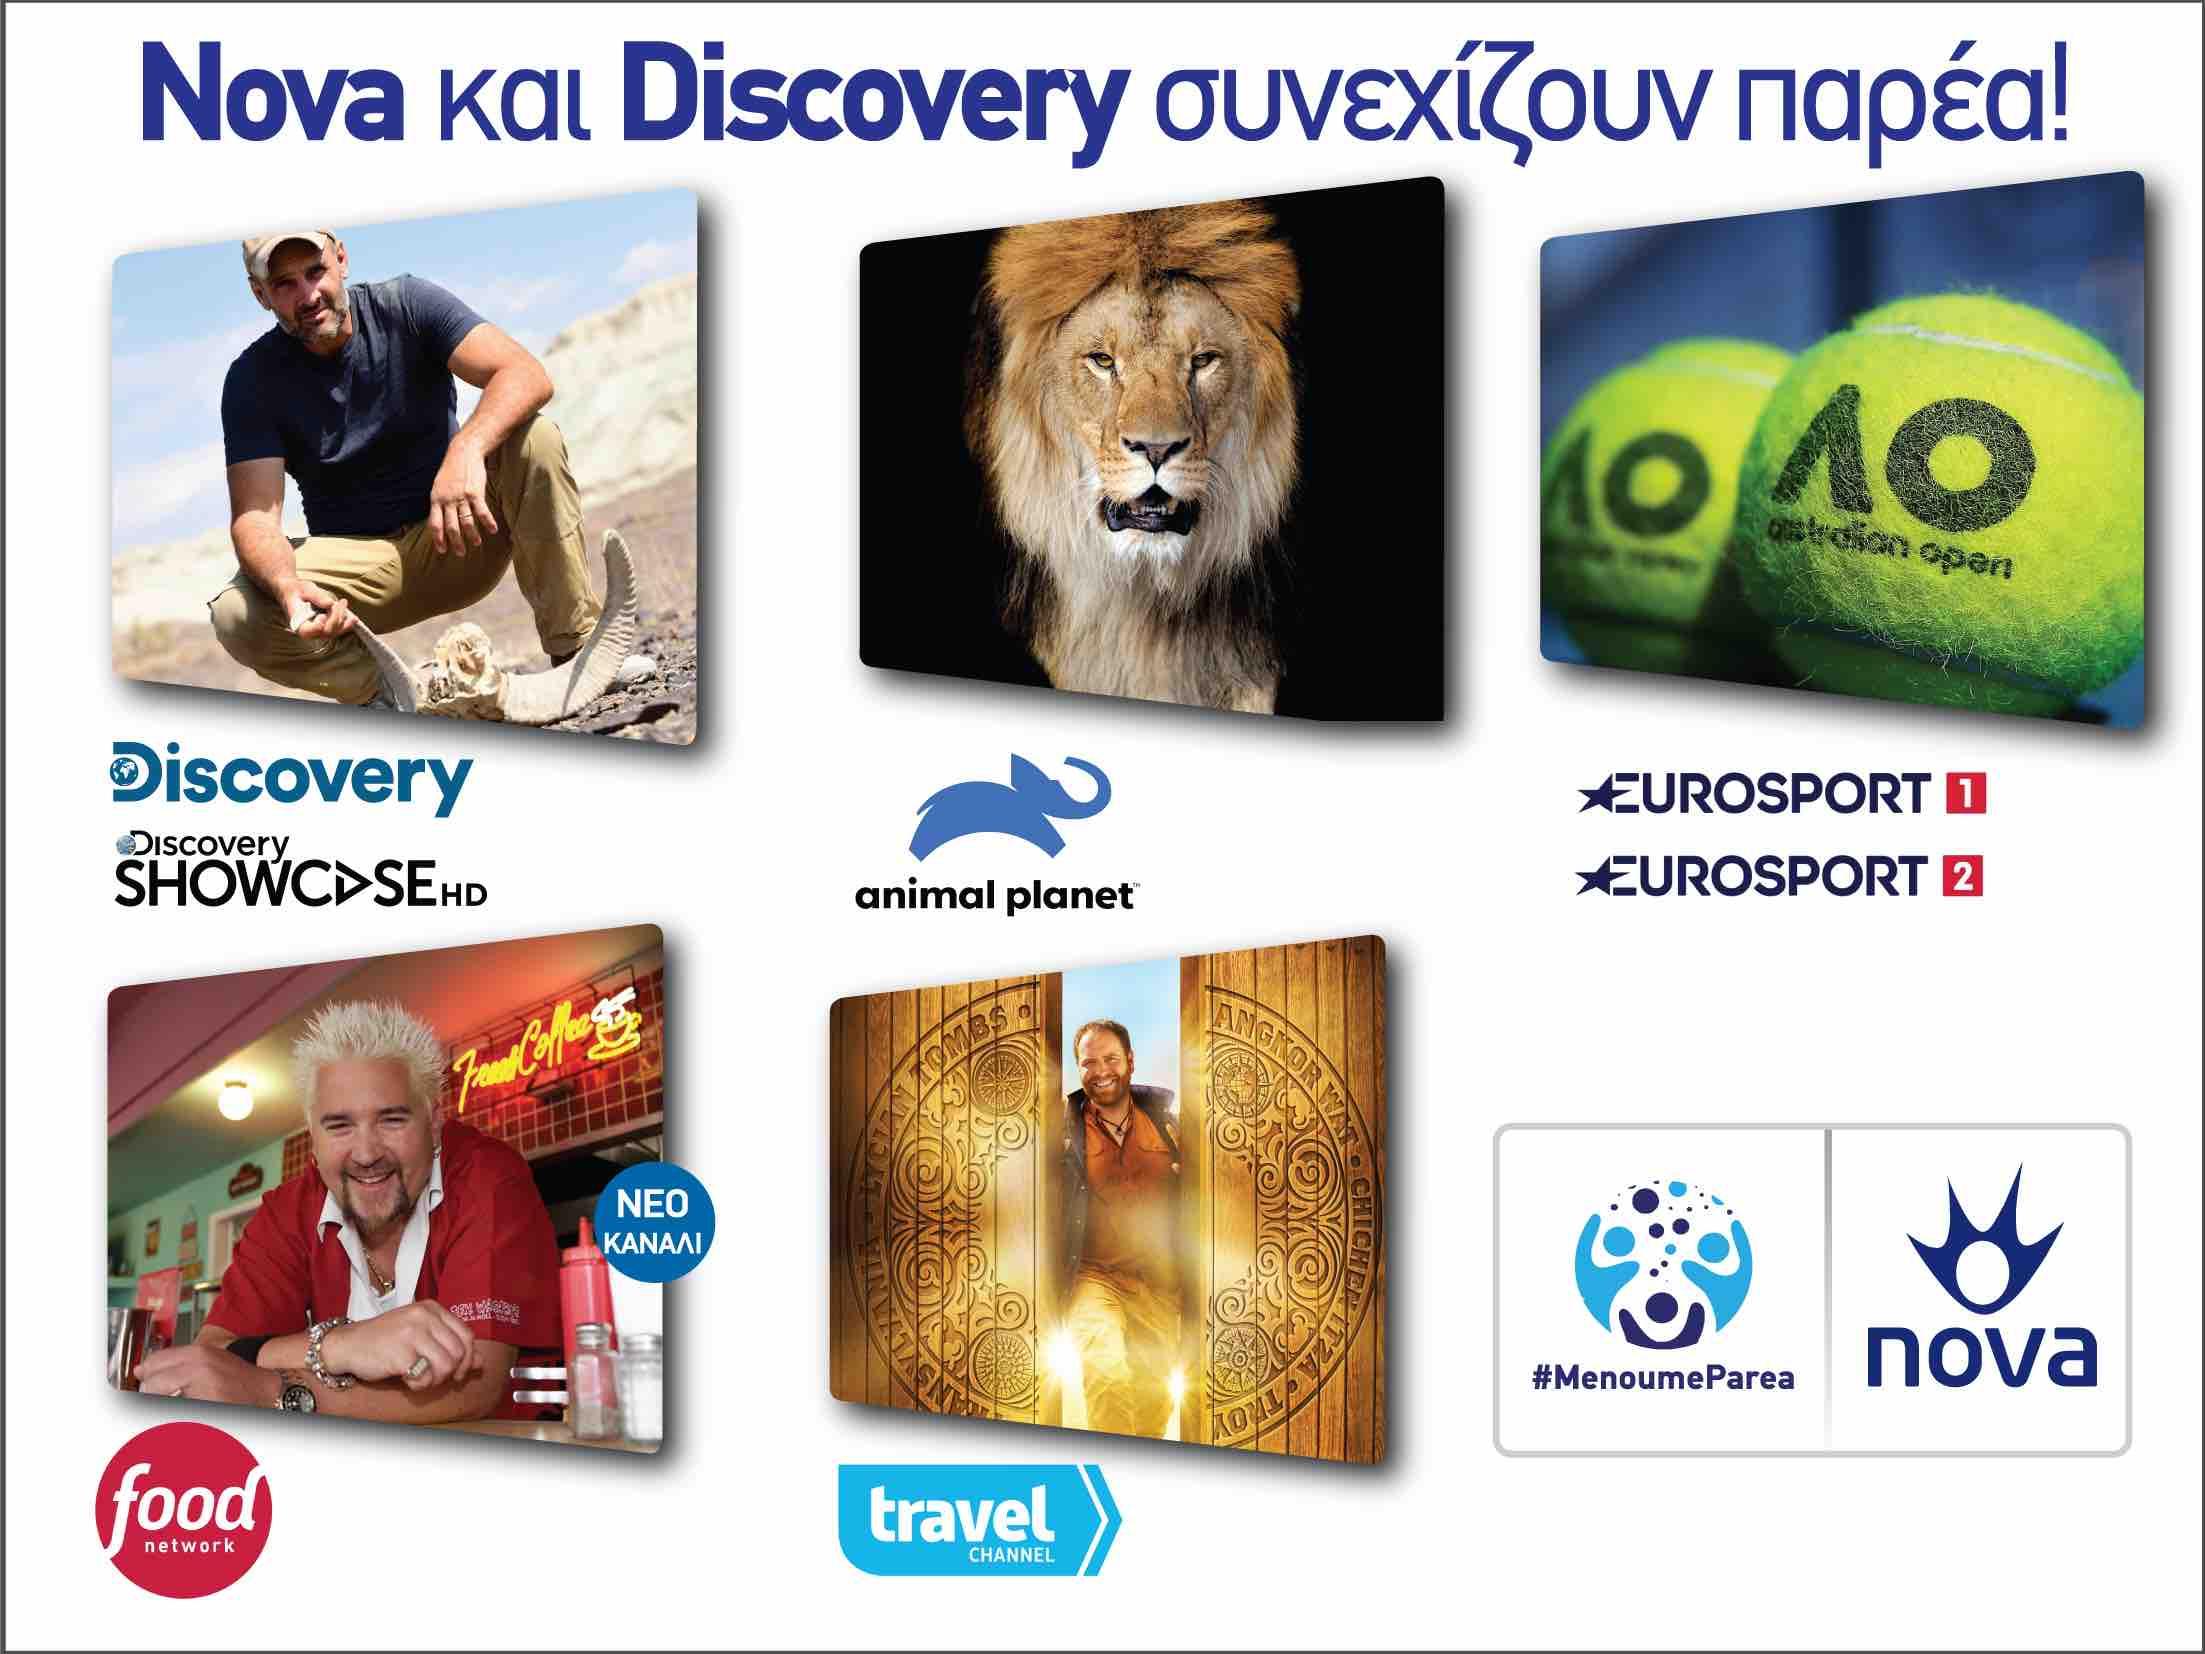 Σοβαρή ενίσχυση της Nova με νέα κανάλια και σειρές